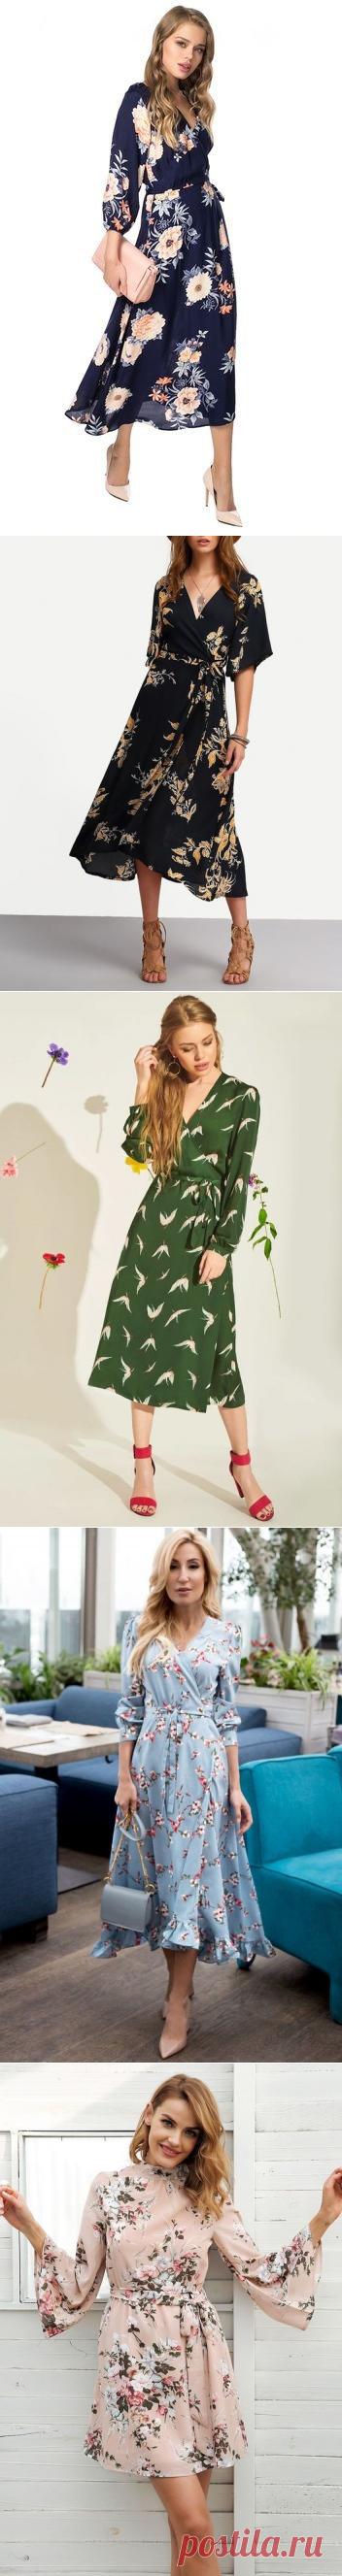 Женственные платья с принтом — Модно / Nemodno